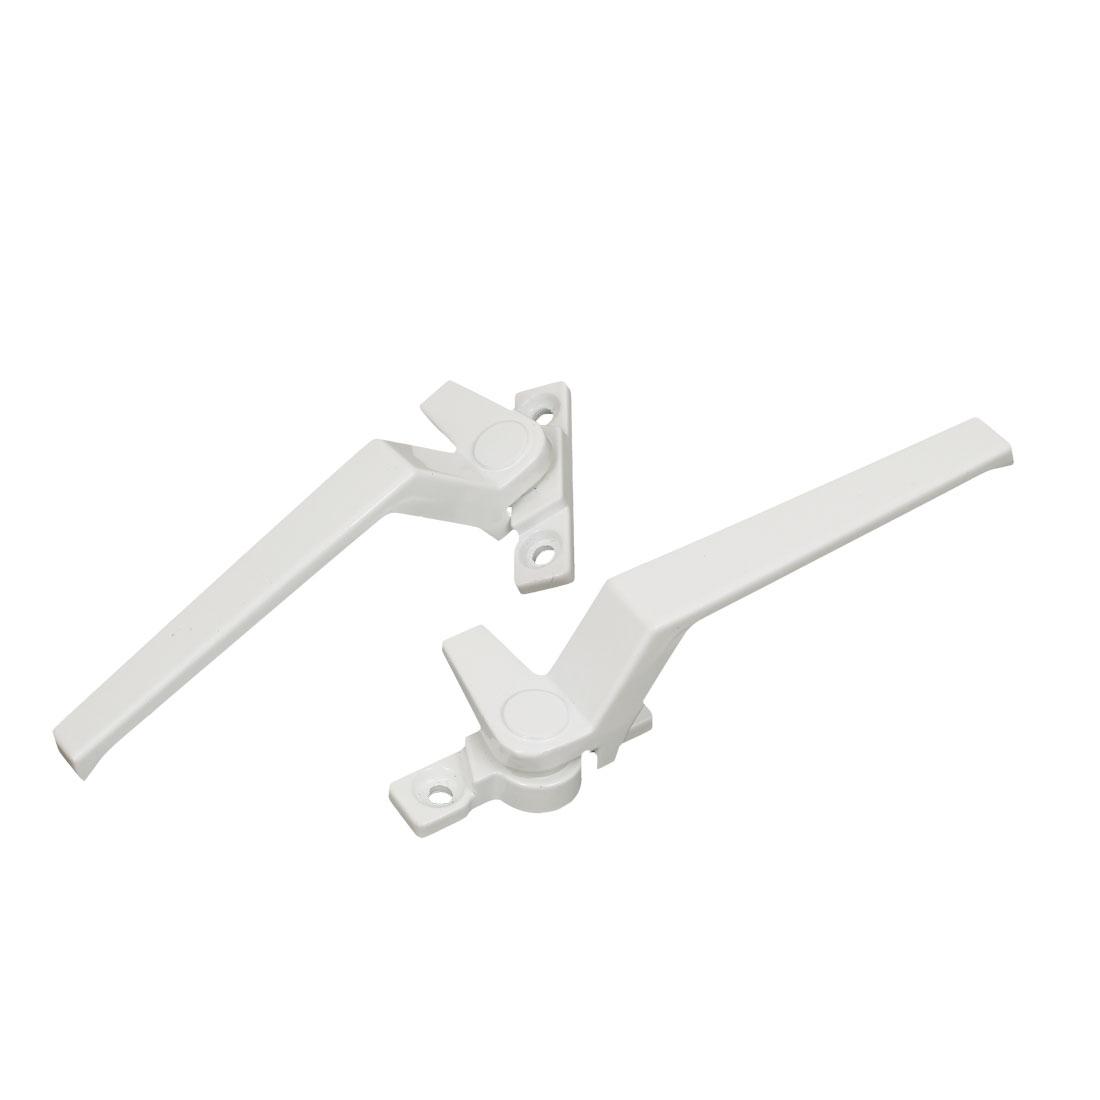 Right Left Hand Metal Casement Cabinet Door Window Locking Handles Grips White 2pcs